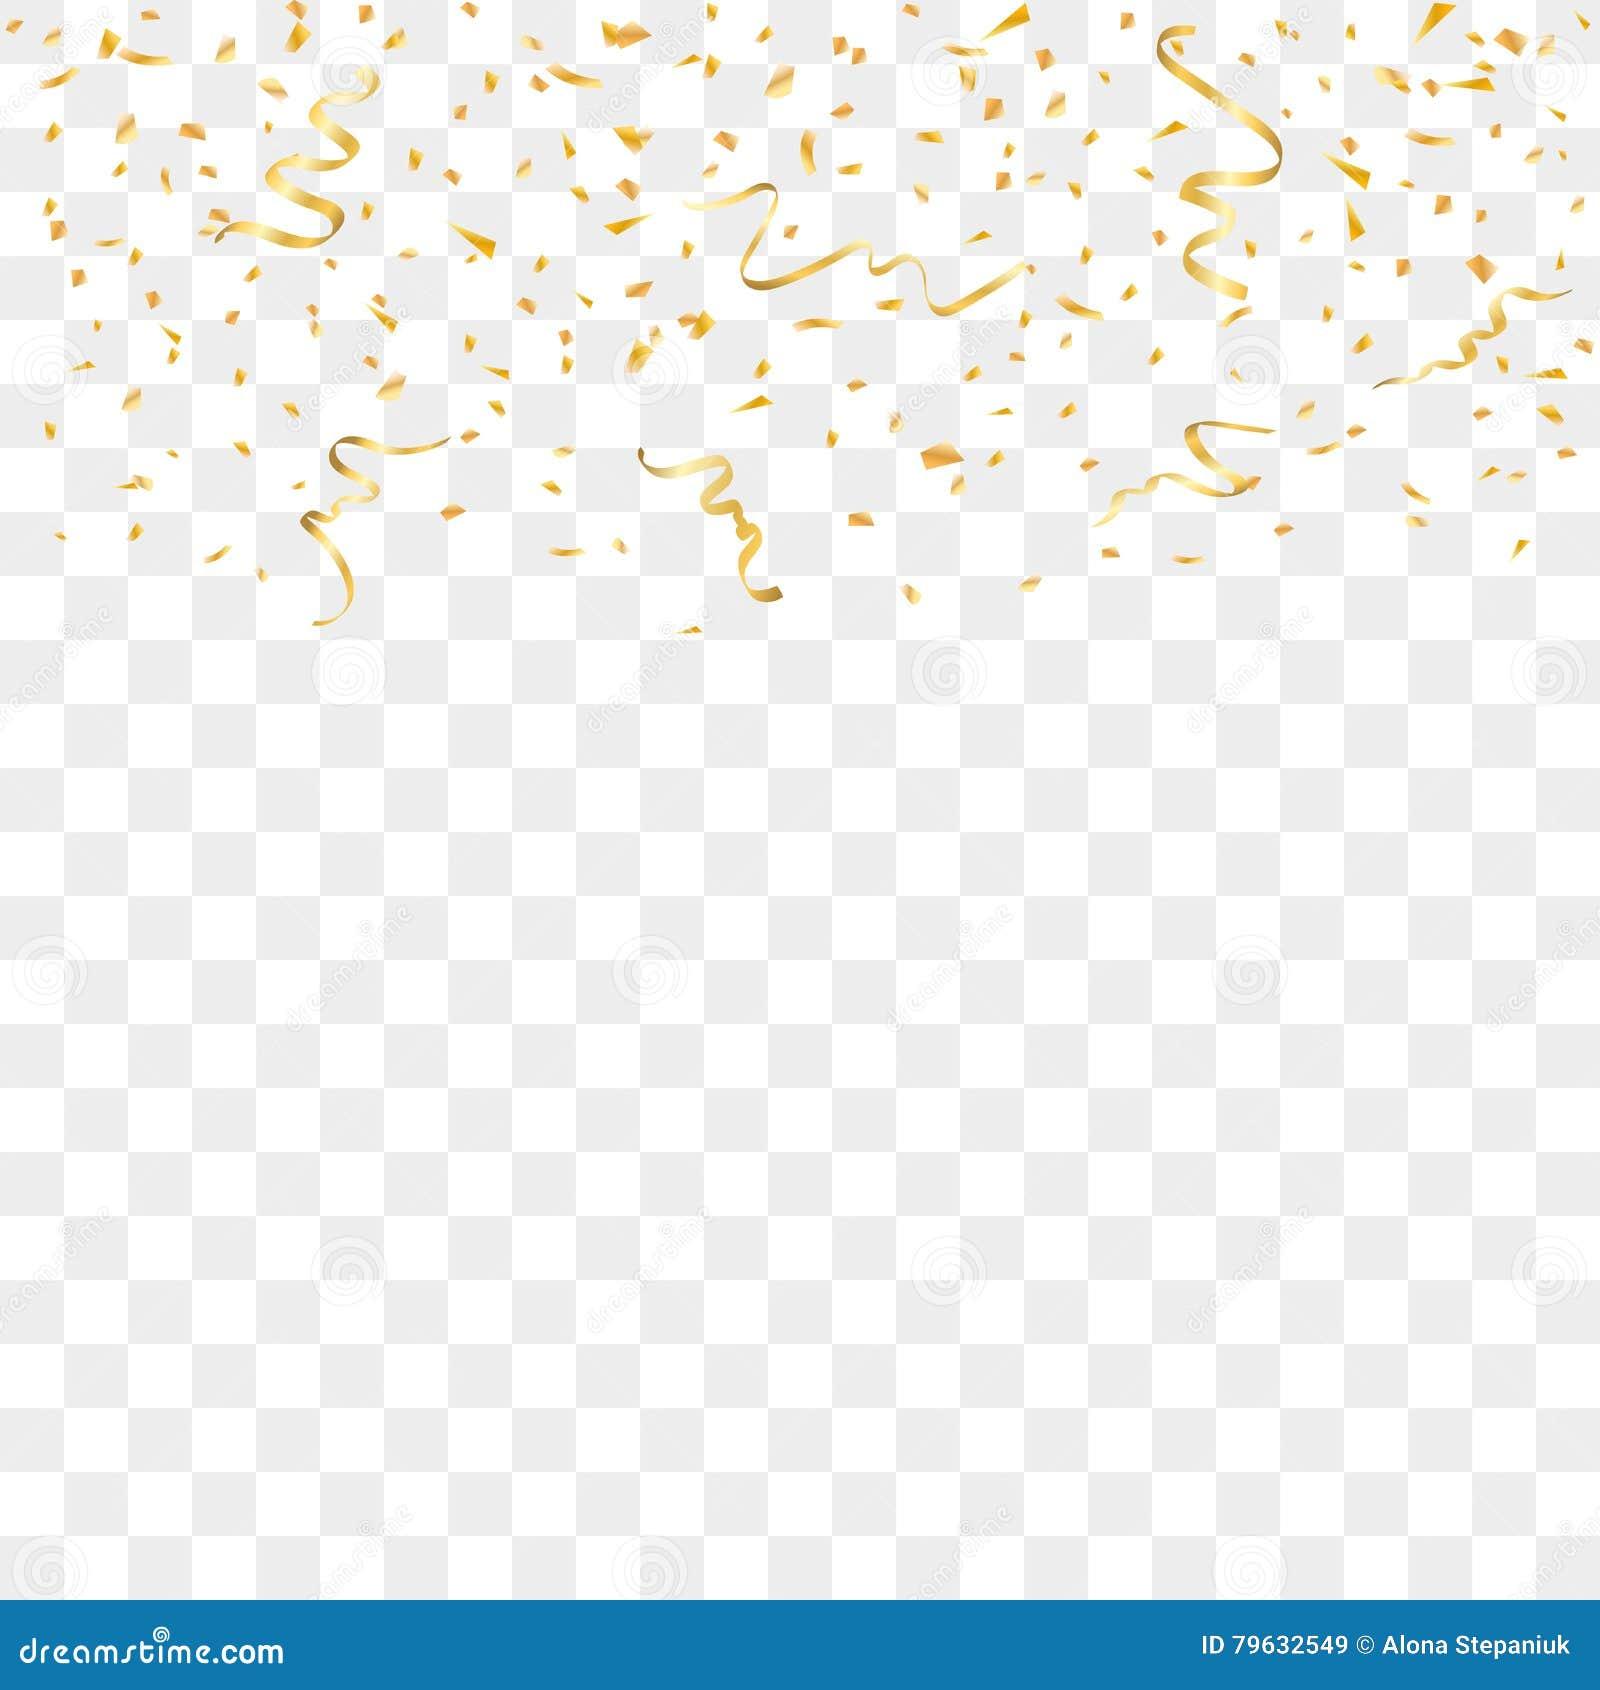 Confetti background vector golden confetti background - Royalty Free Vector Download Gold Confetti Background